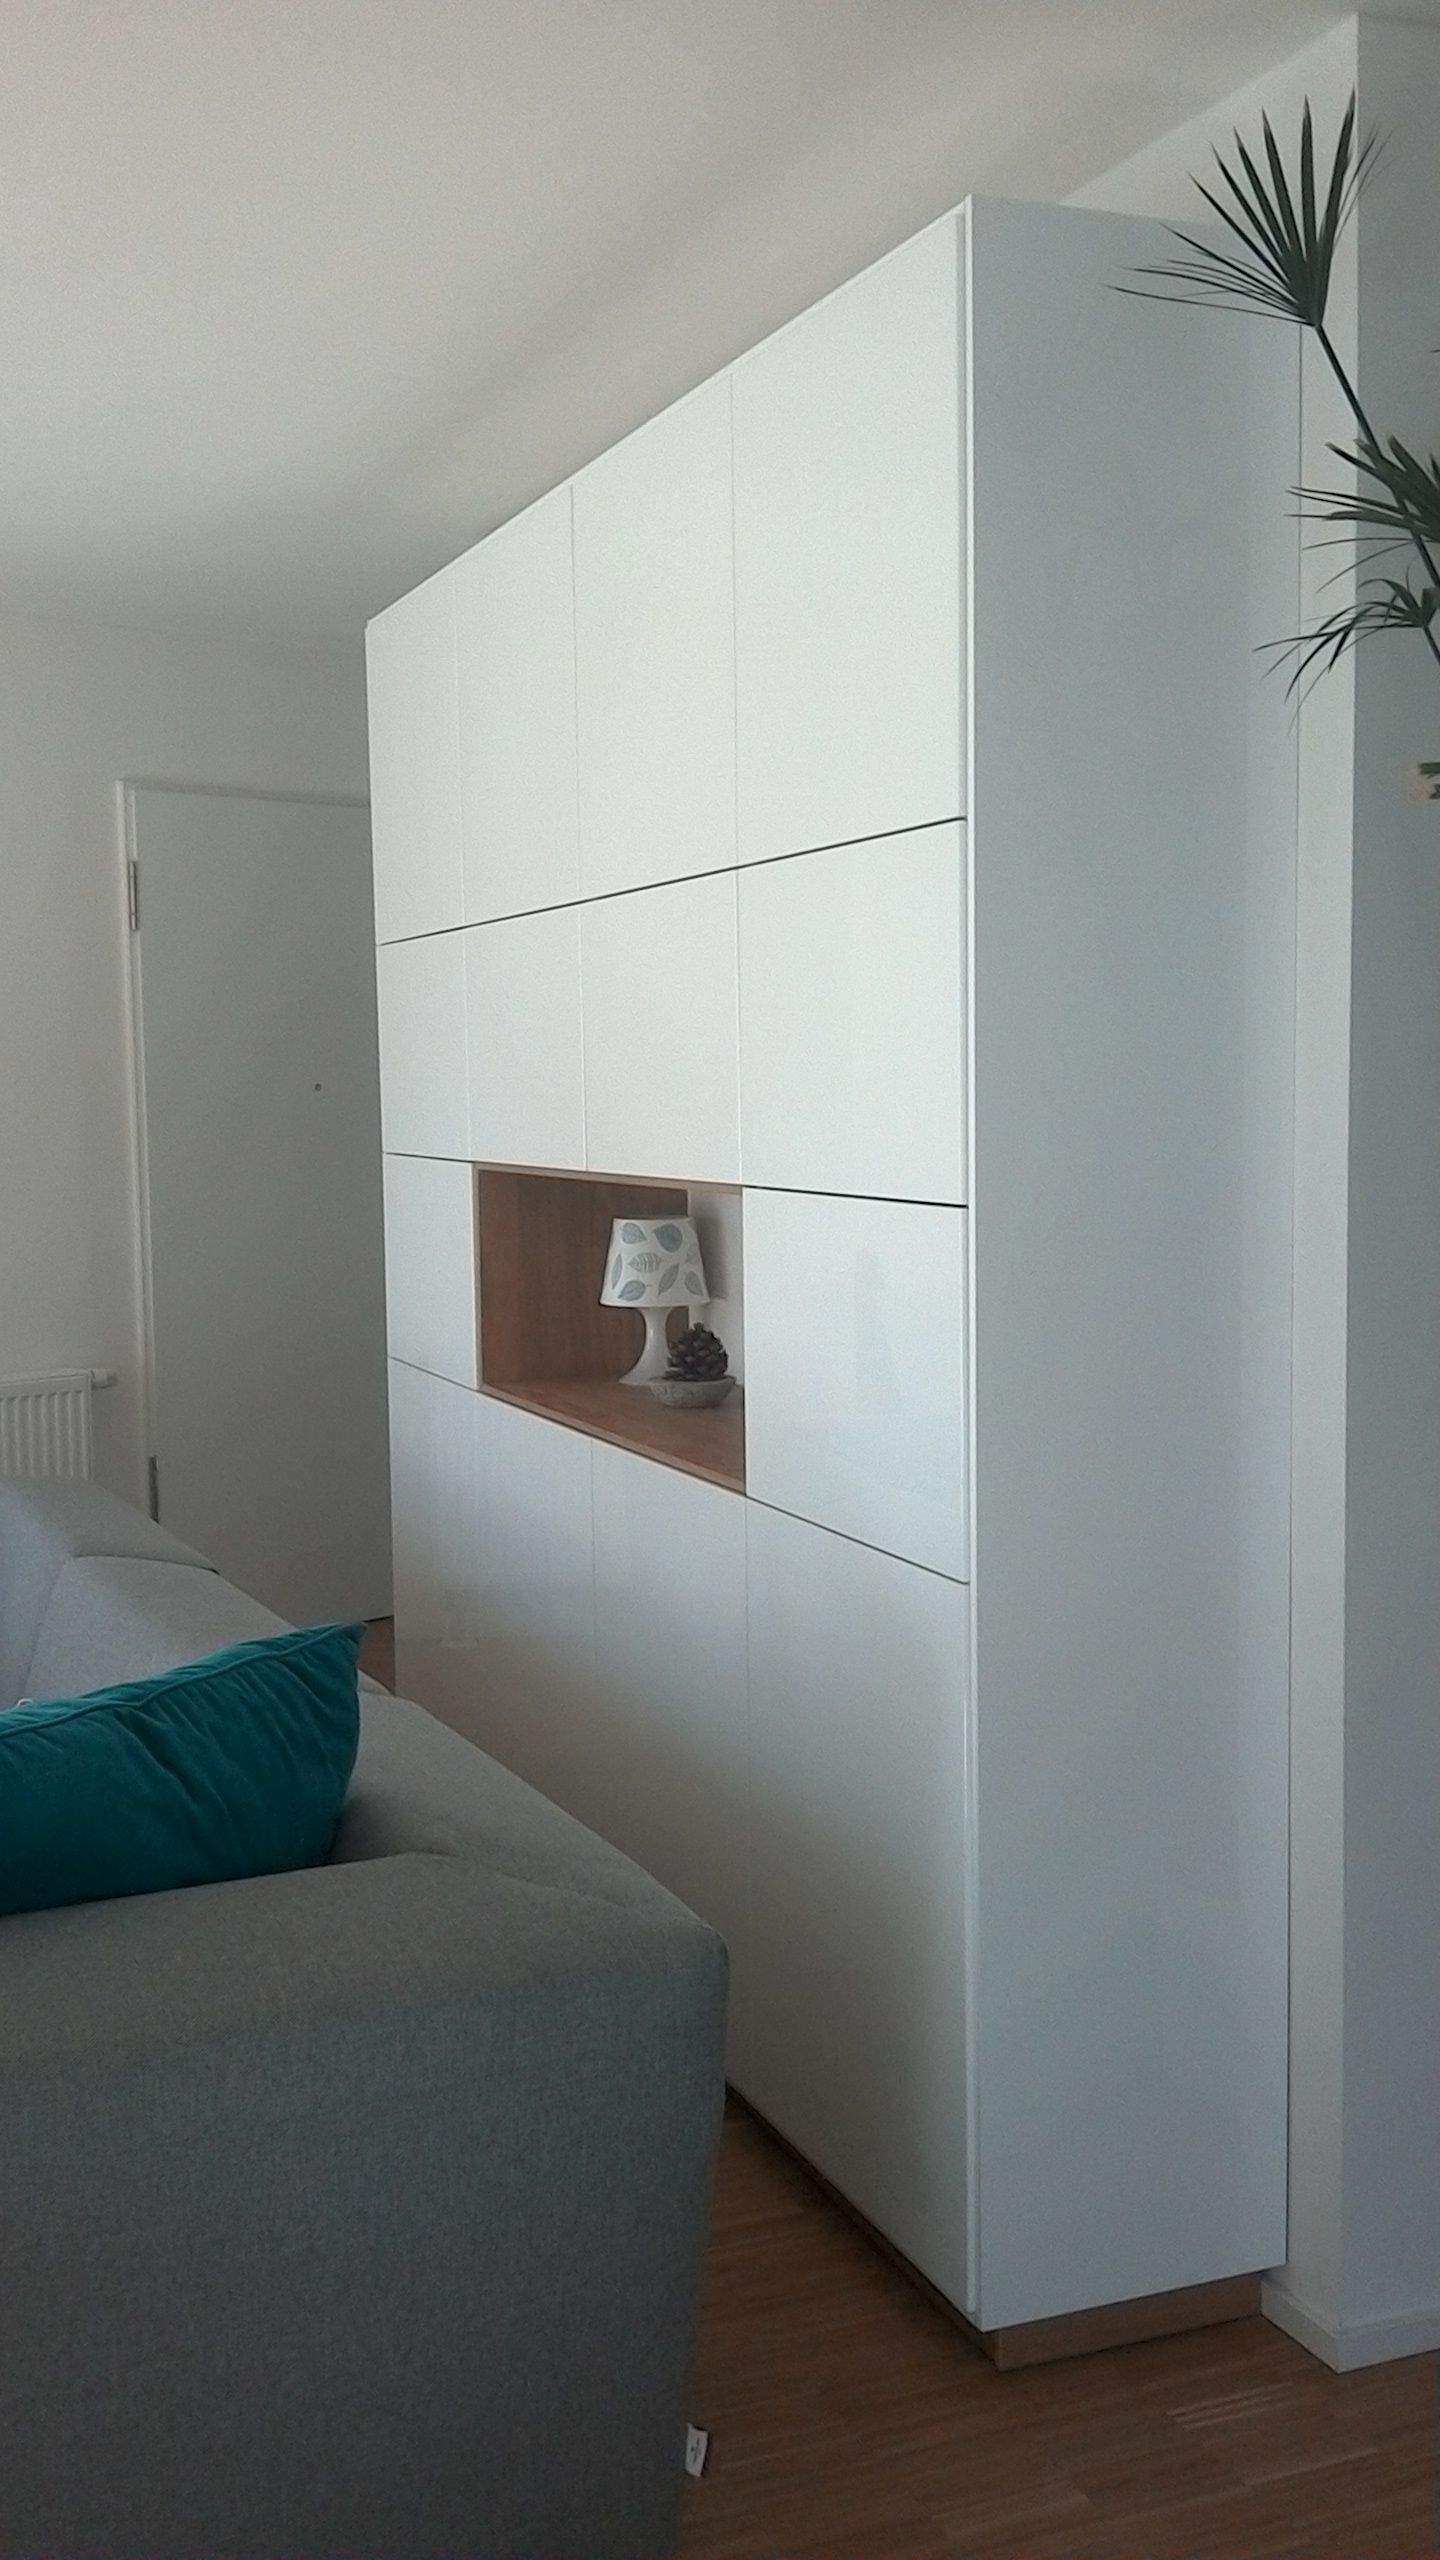 Full Size of Lampen Wohnzimmer Decke Ikea Schrank Inspirierend Method Ringhult Plus Tapeten Ideen Bilder Fürs Deckenlampen Modern Led Deckenleuchte Bad Indirekte Wohnzimmer Lampen Wohnzimmer Decke Ikea